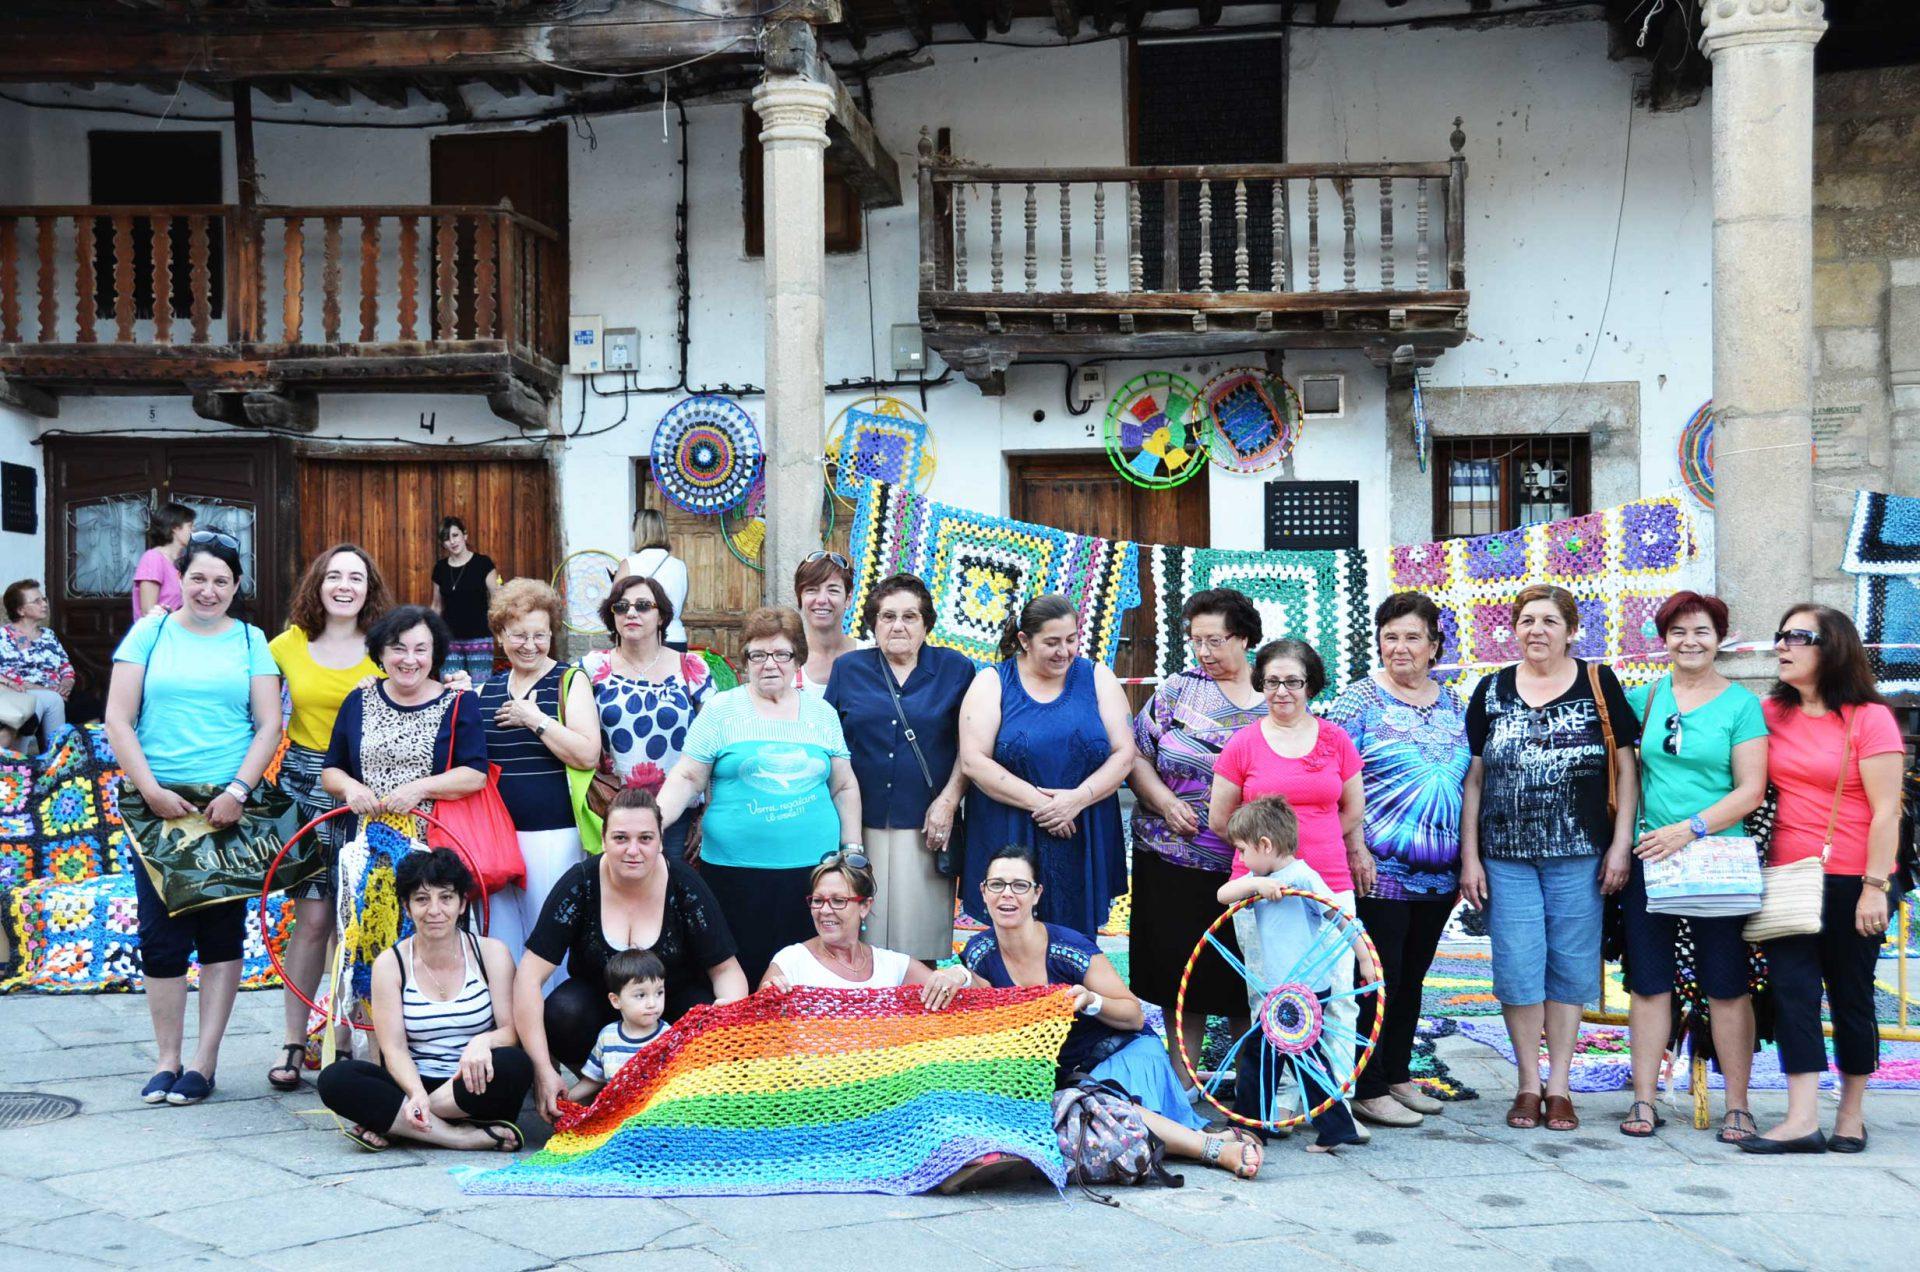 tejiendo-la-calle-parasoles-de-ganchillo-creando-ciudad-crochet-umbrellas-creating-city-por-marina-fernandez-ramos-weaving-the-street-more-than-green-ppal